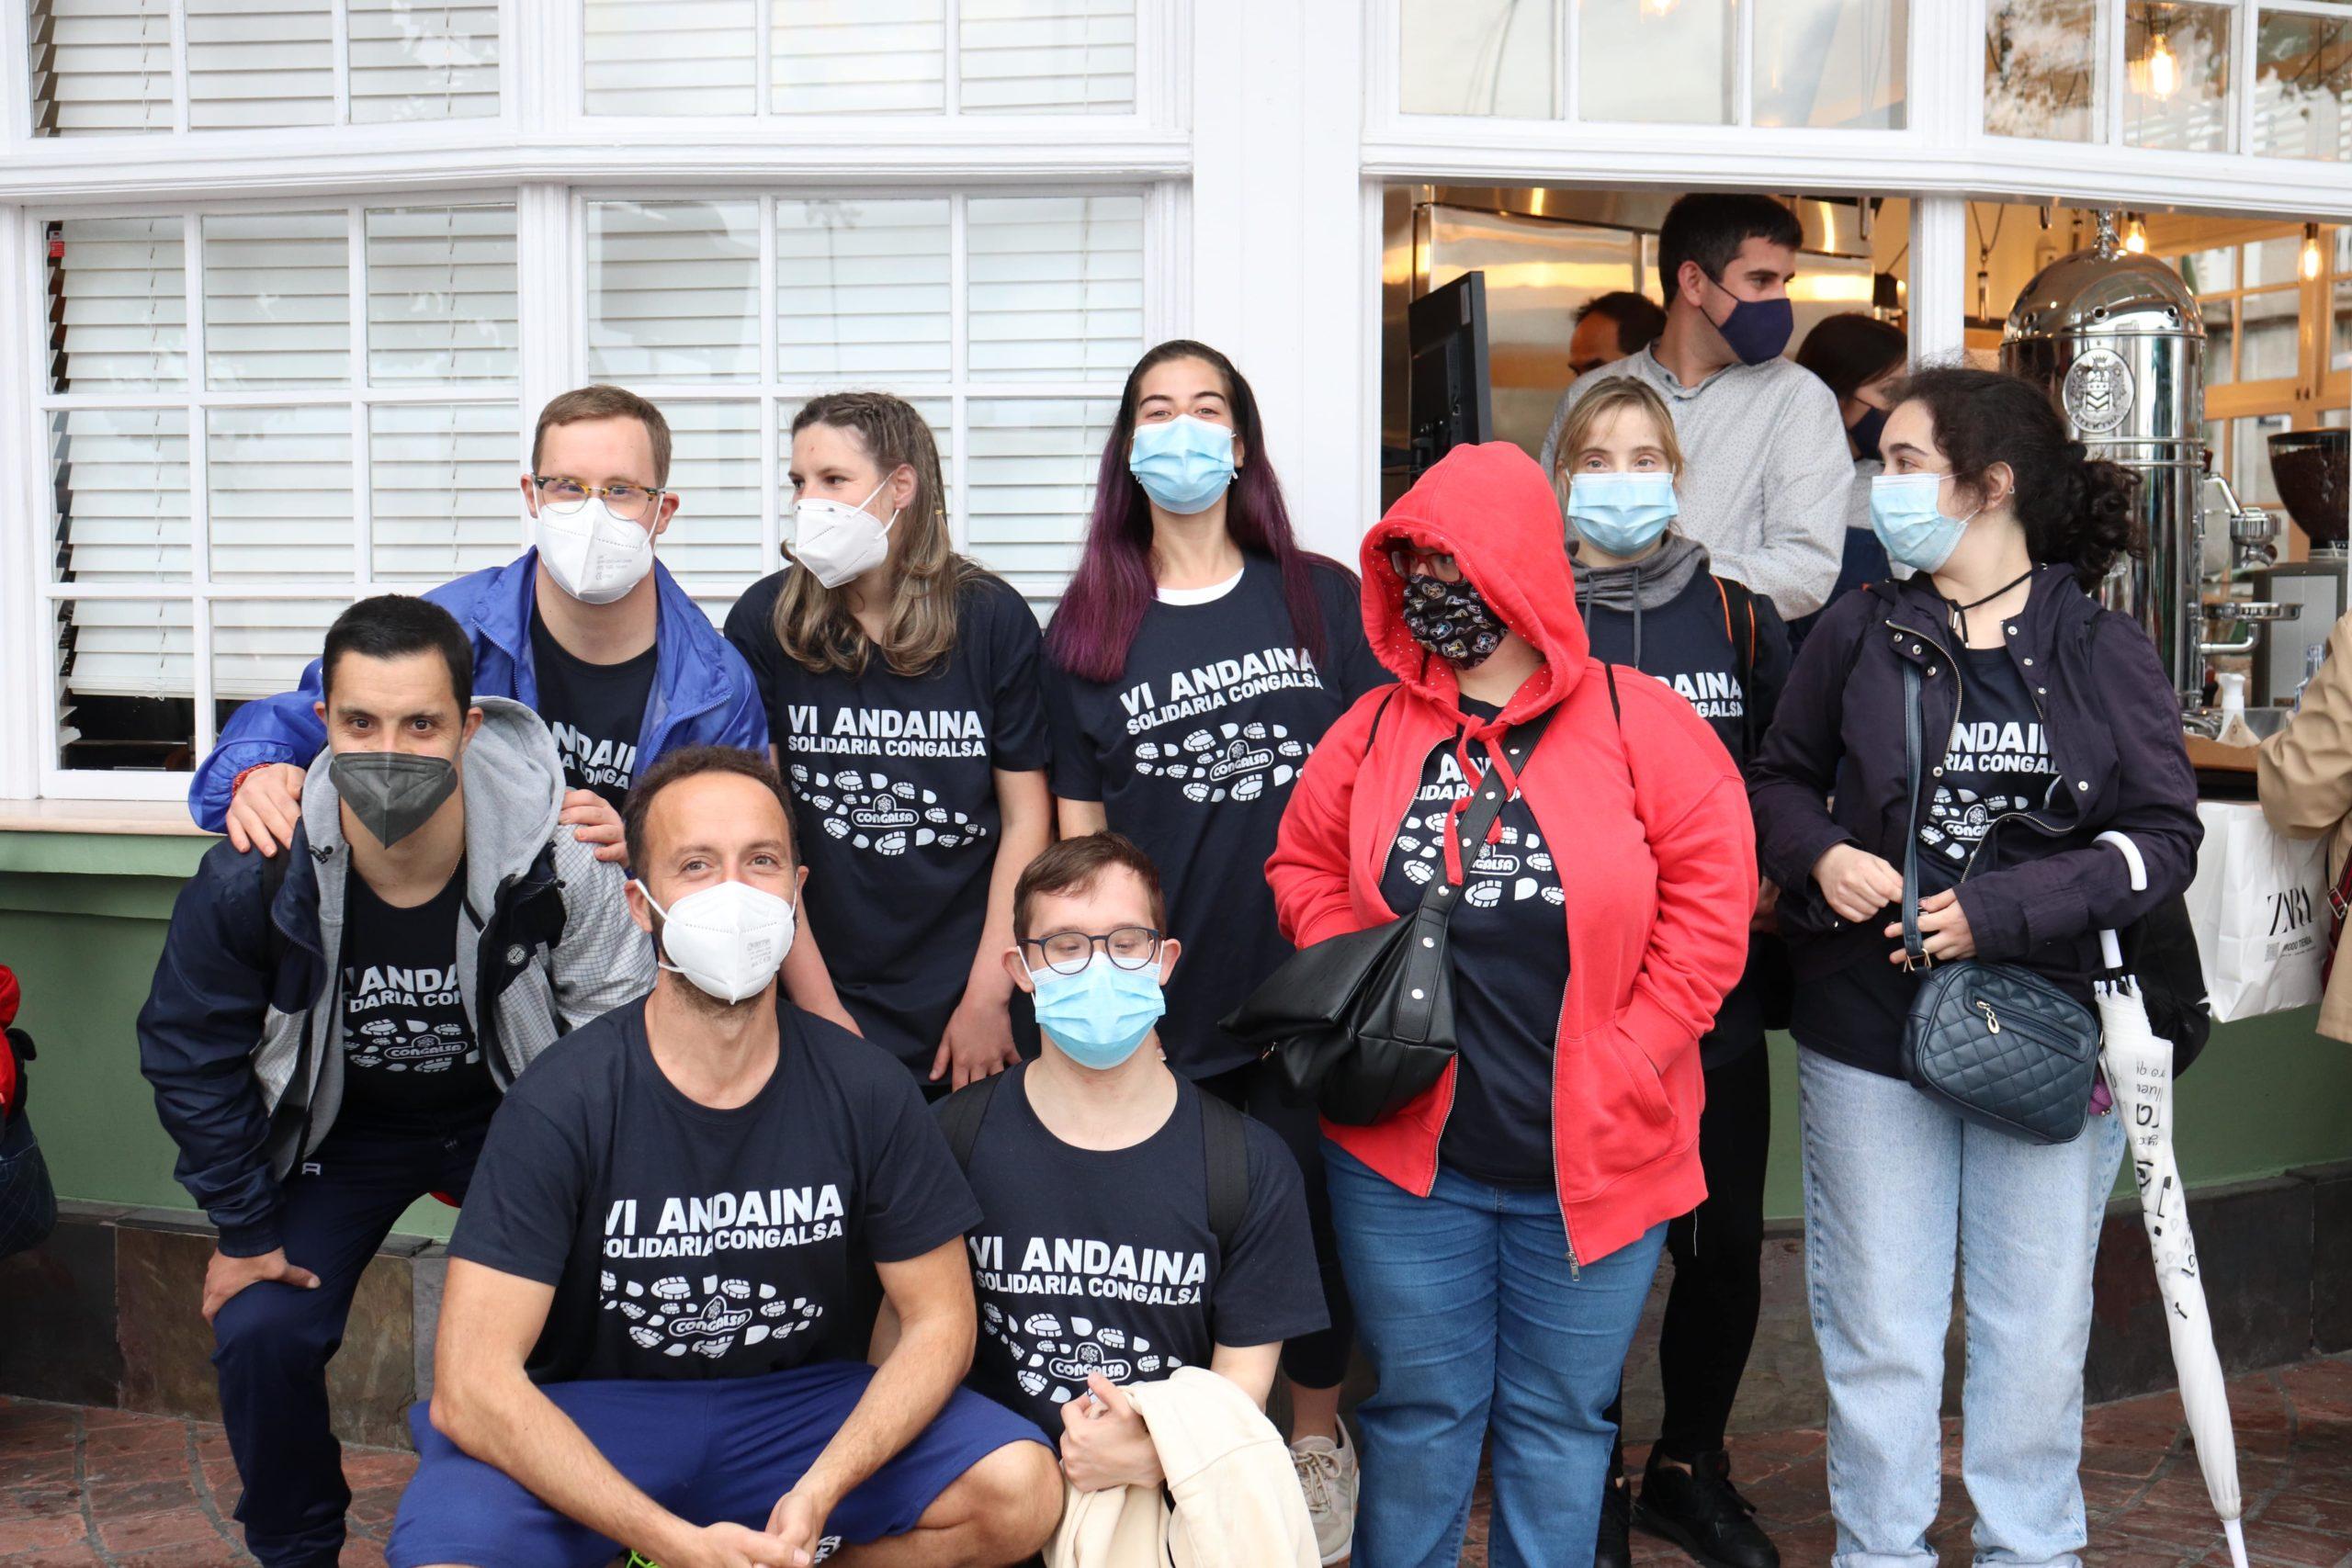 A nova Andaina Solidaria de CONGALSA xa superou as cifras da anterior convocatoria